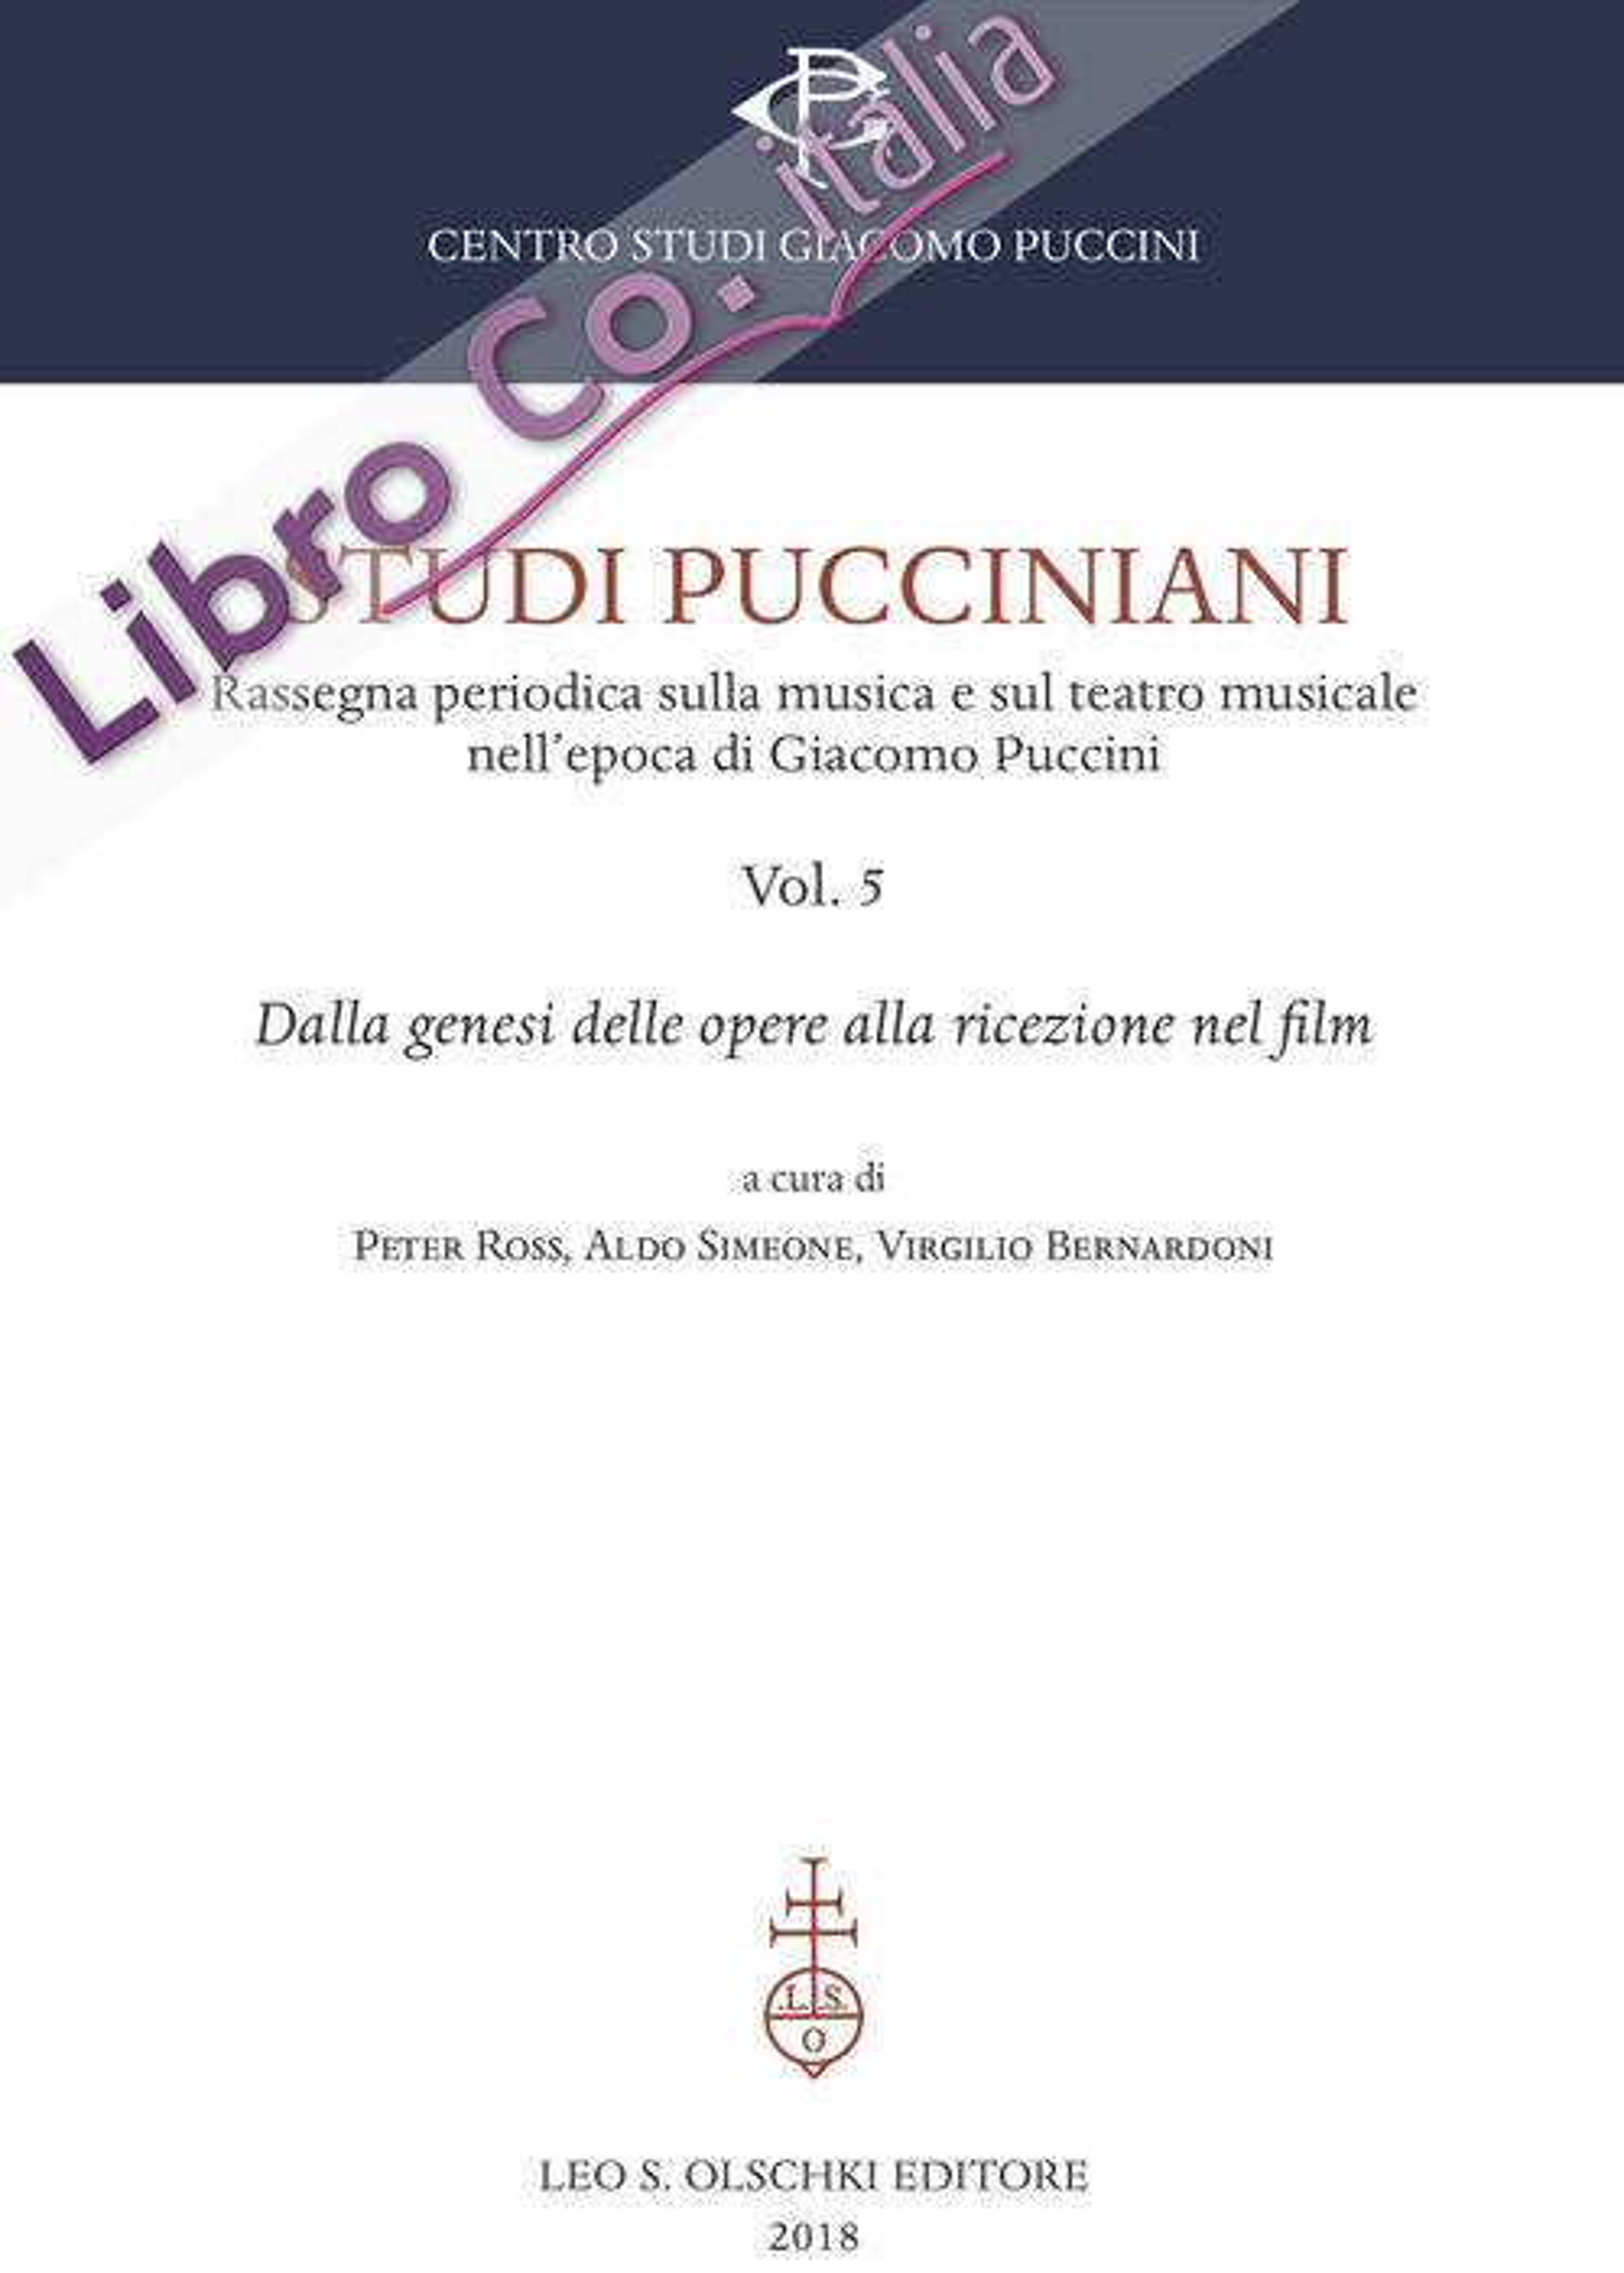 Studi Pucciniani. Vol. 5 Rassegna sulla Musica e sul Teatro Musicale nell'Epoca di Giacomo Puccini